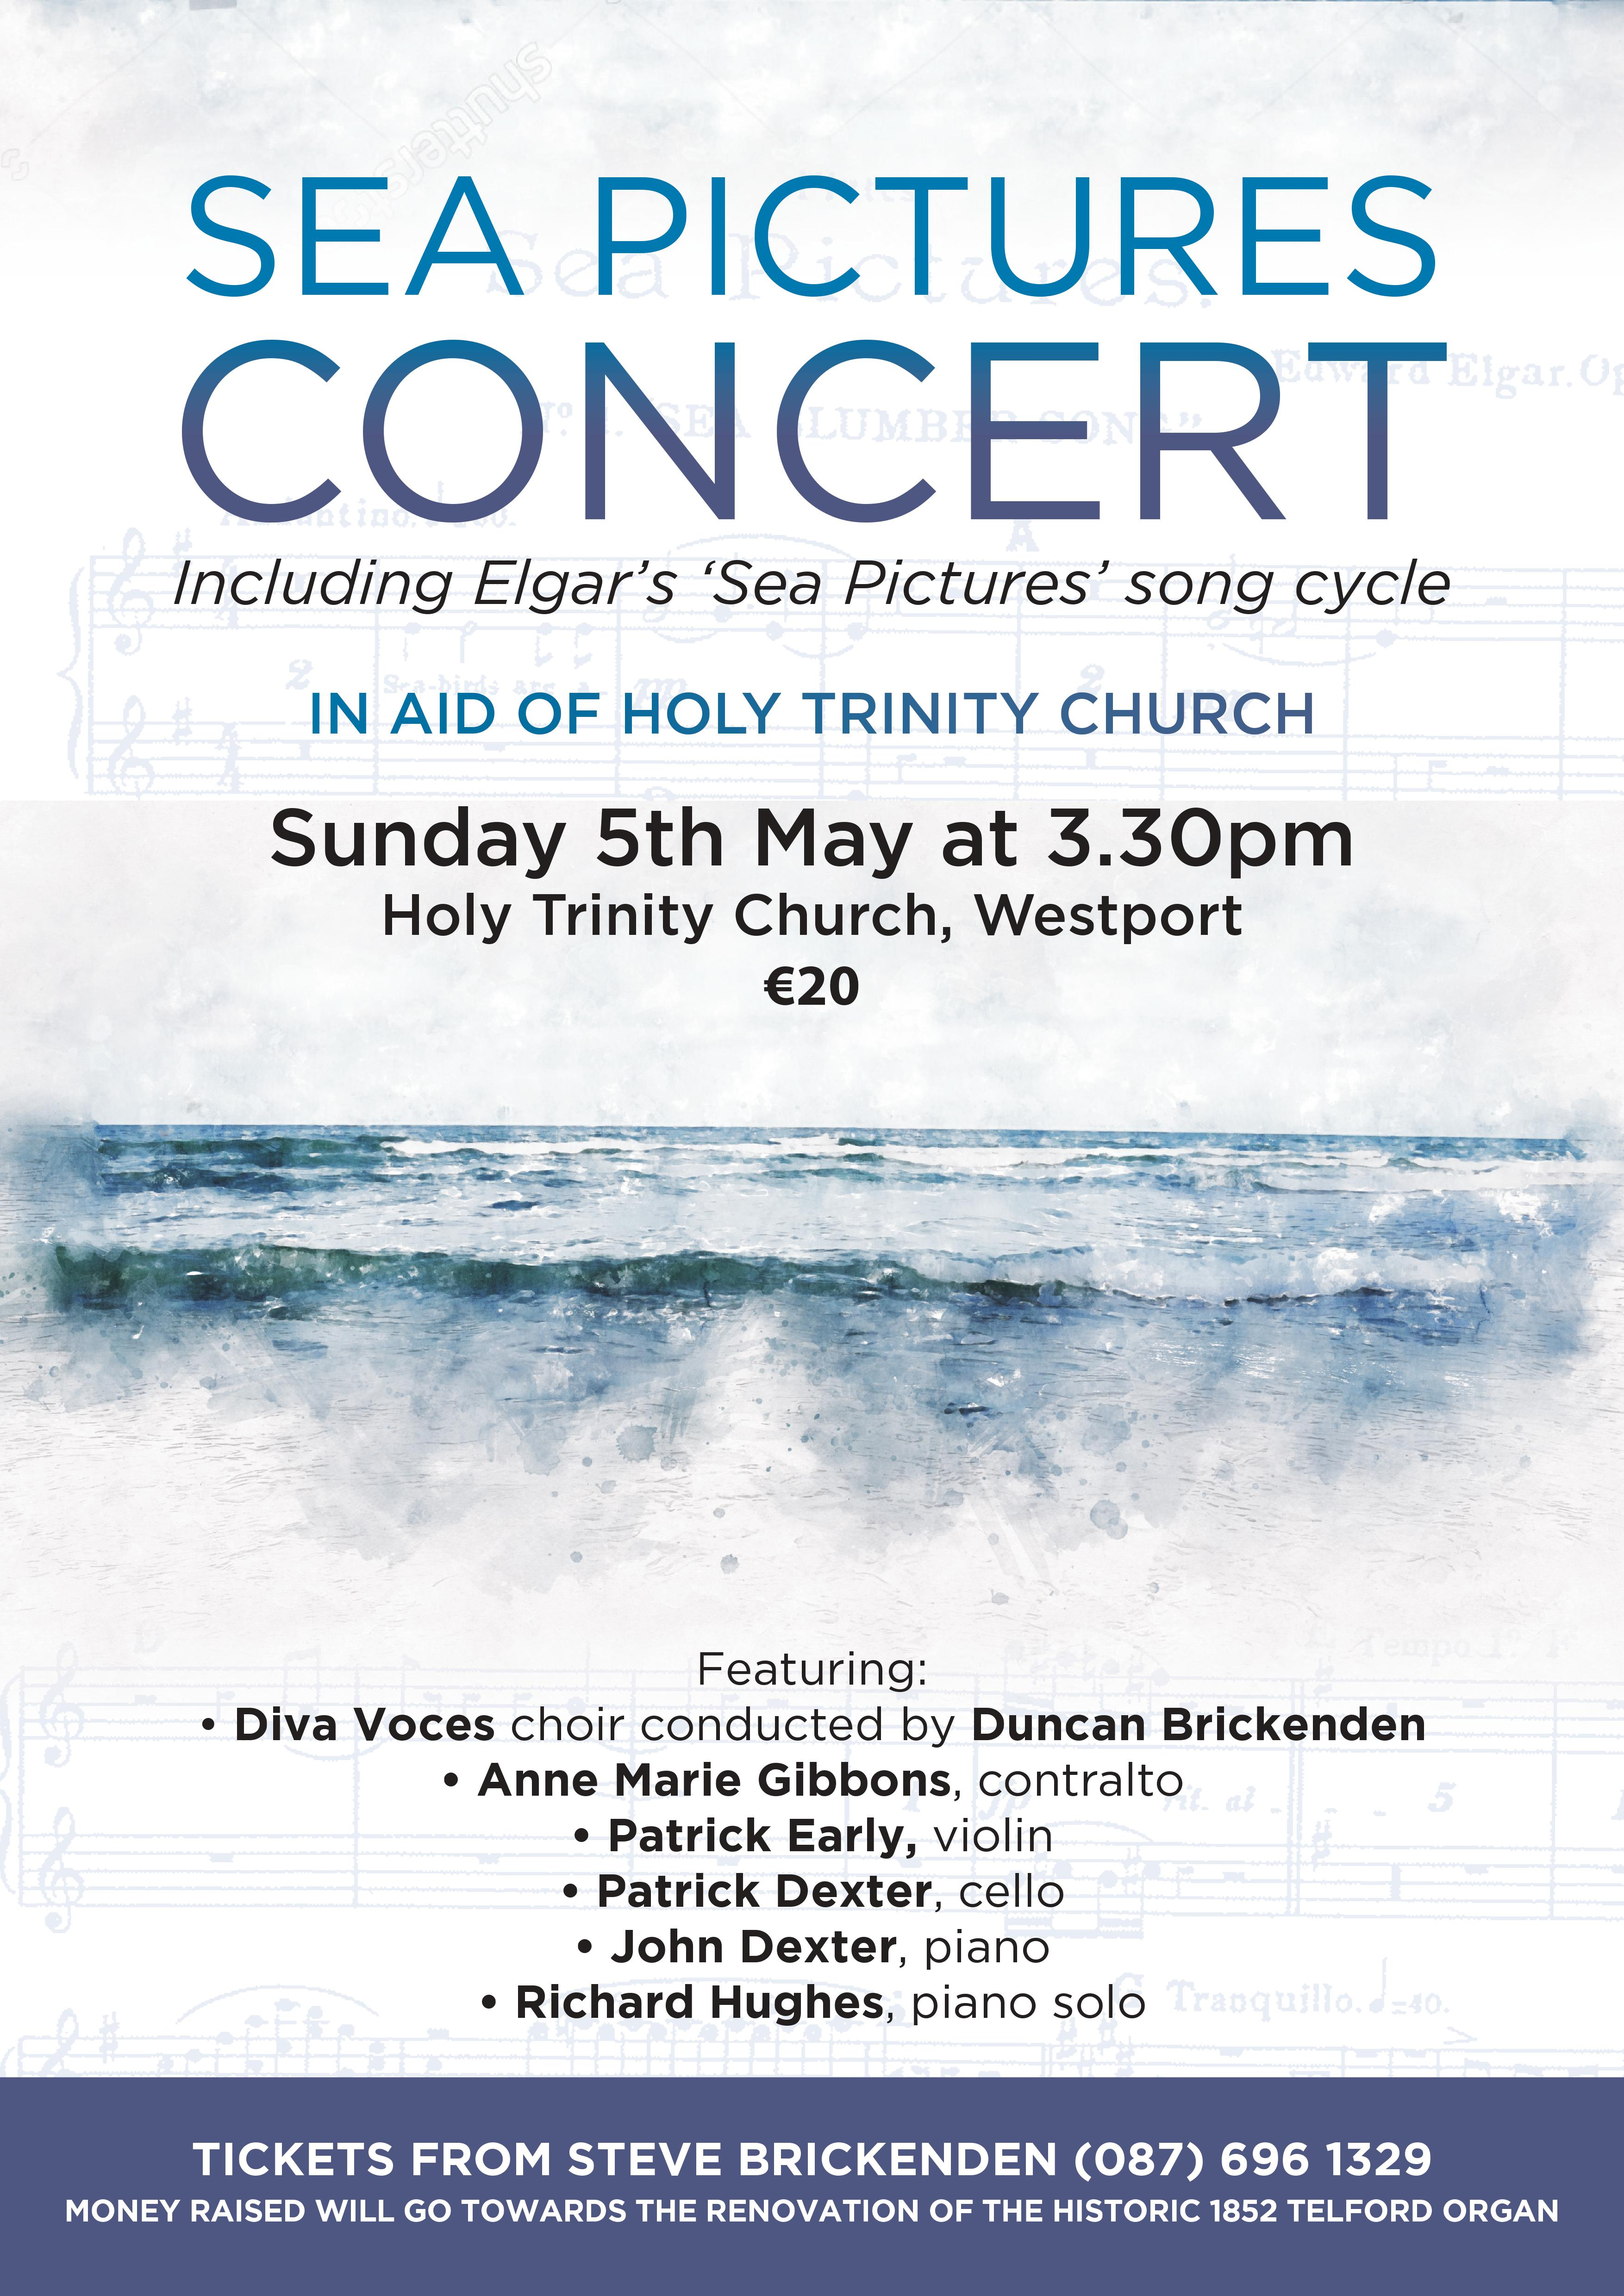 Westport Concert Poster